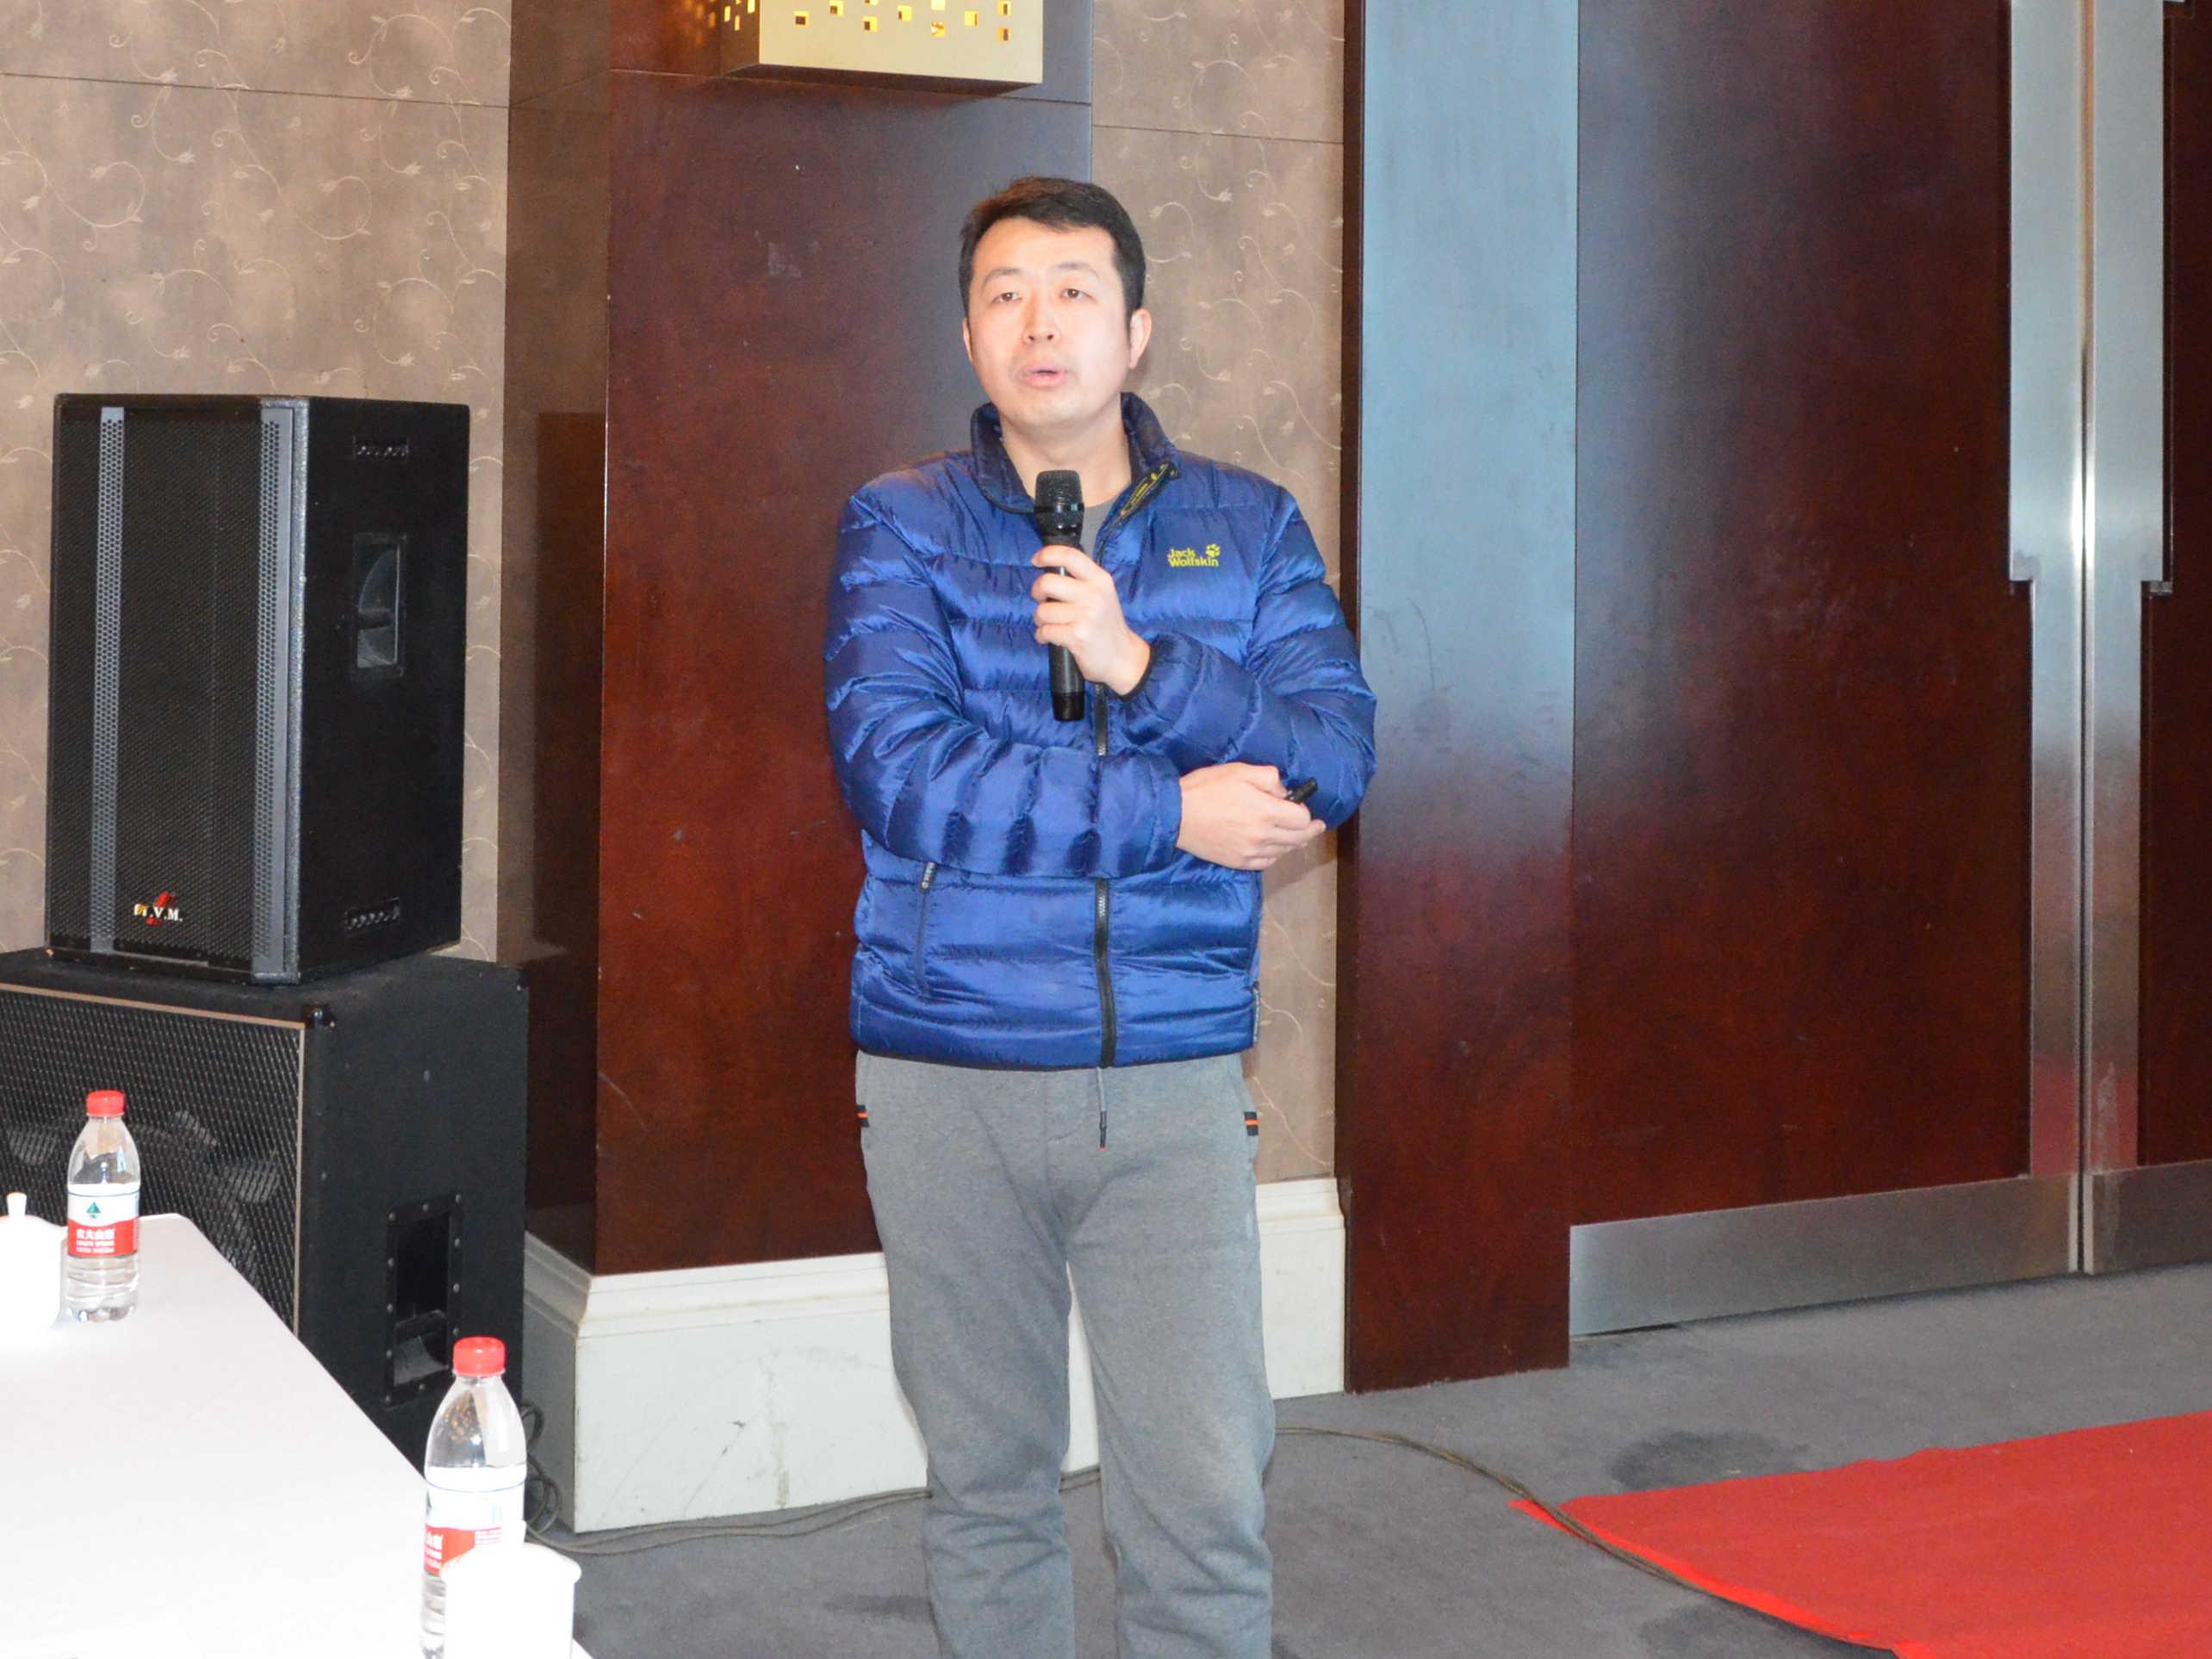 北京兴智翔达知识产权代理有限公司经理张军峰作《专利信息分析——以环境矿物材料分析为例》专题报告